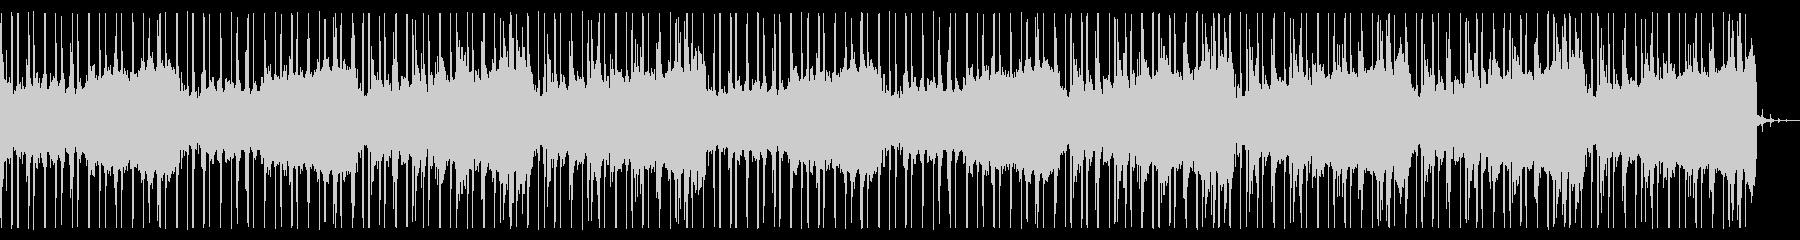 大人なR&B_No638_6の未再生の波形